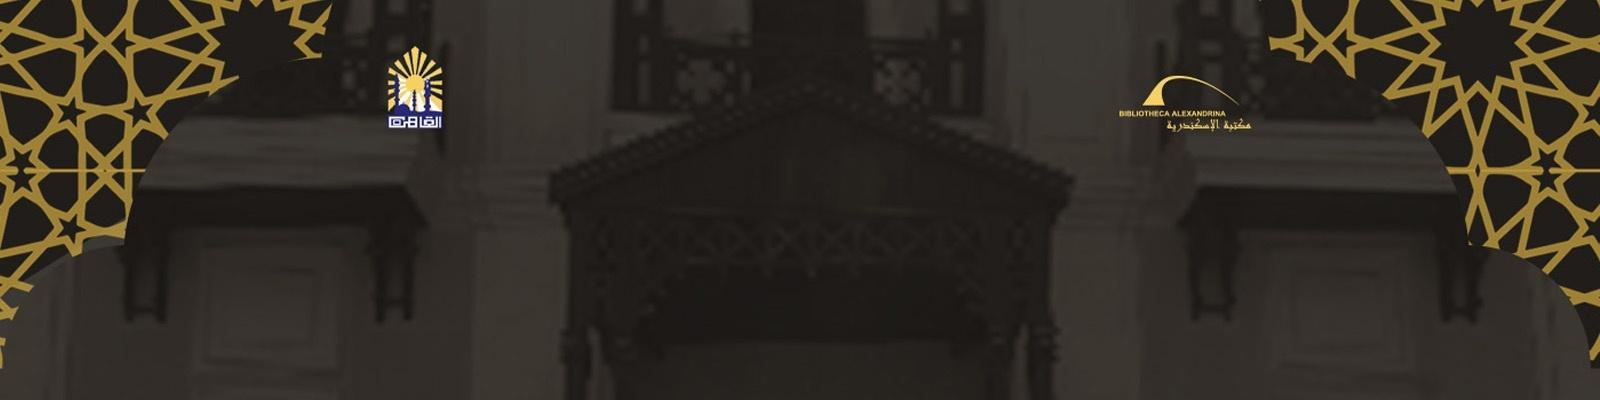 مكتبة الإسكندرية تتسلم قصر الأميرة خديجة